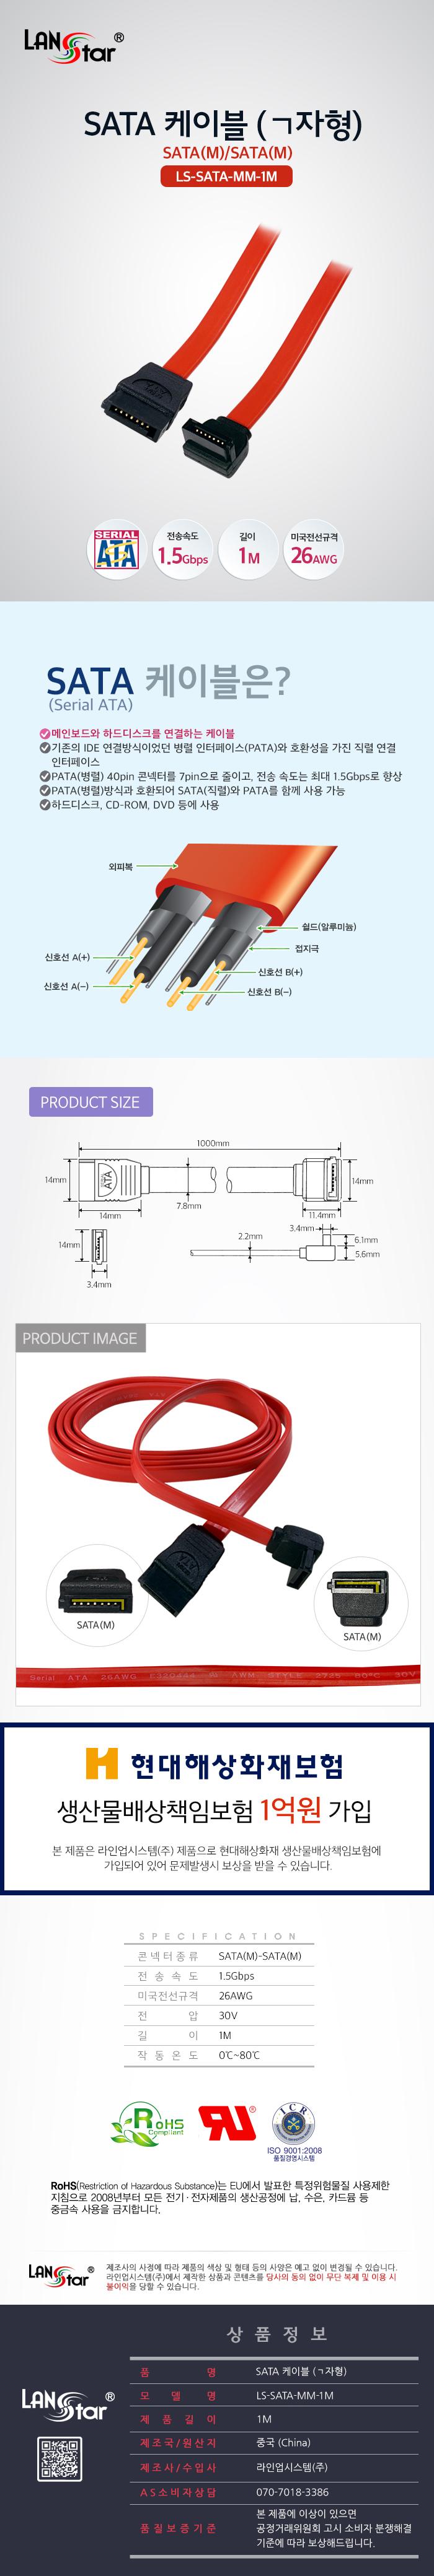 라인업시스템 LANSTAR SATA 케이블 ㄱ자형 (LS-SATA-MM, 1m)